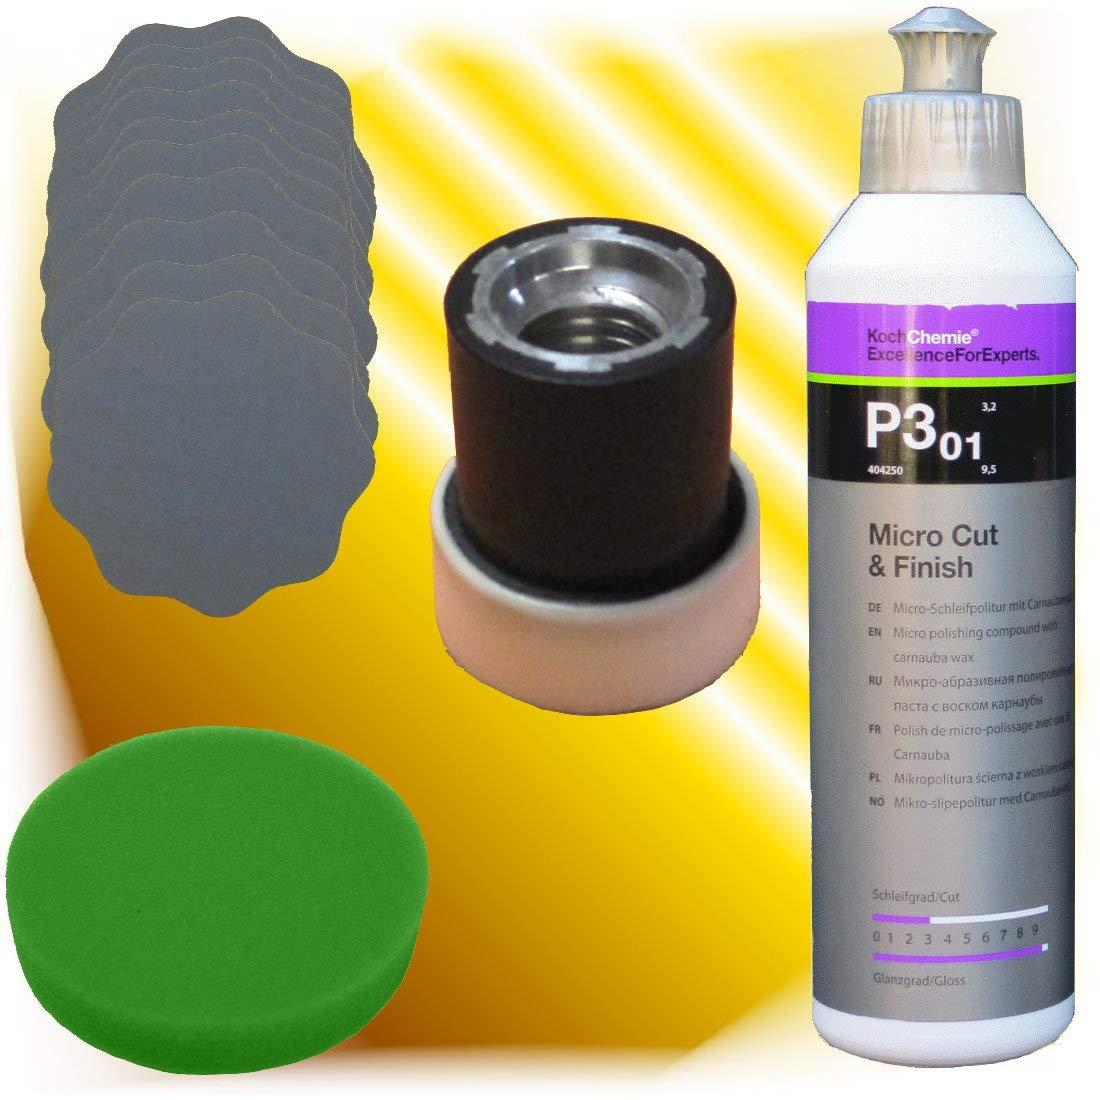 Koch Chemie Schleifpolitur 10 X Schleifblüten Pad Polierteller Set Gewerbe Industrie Wissenschaft